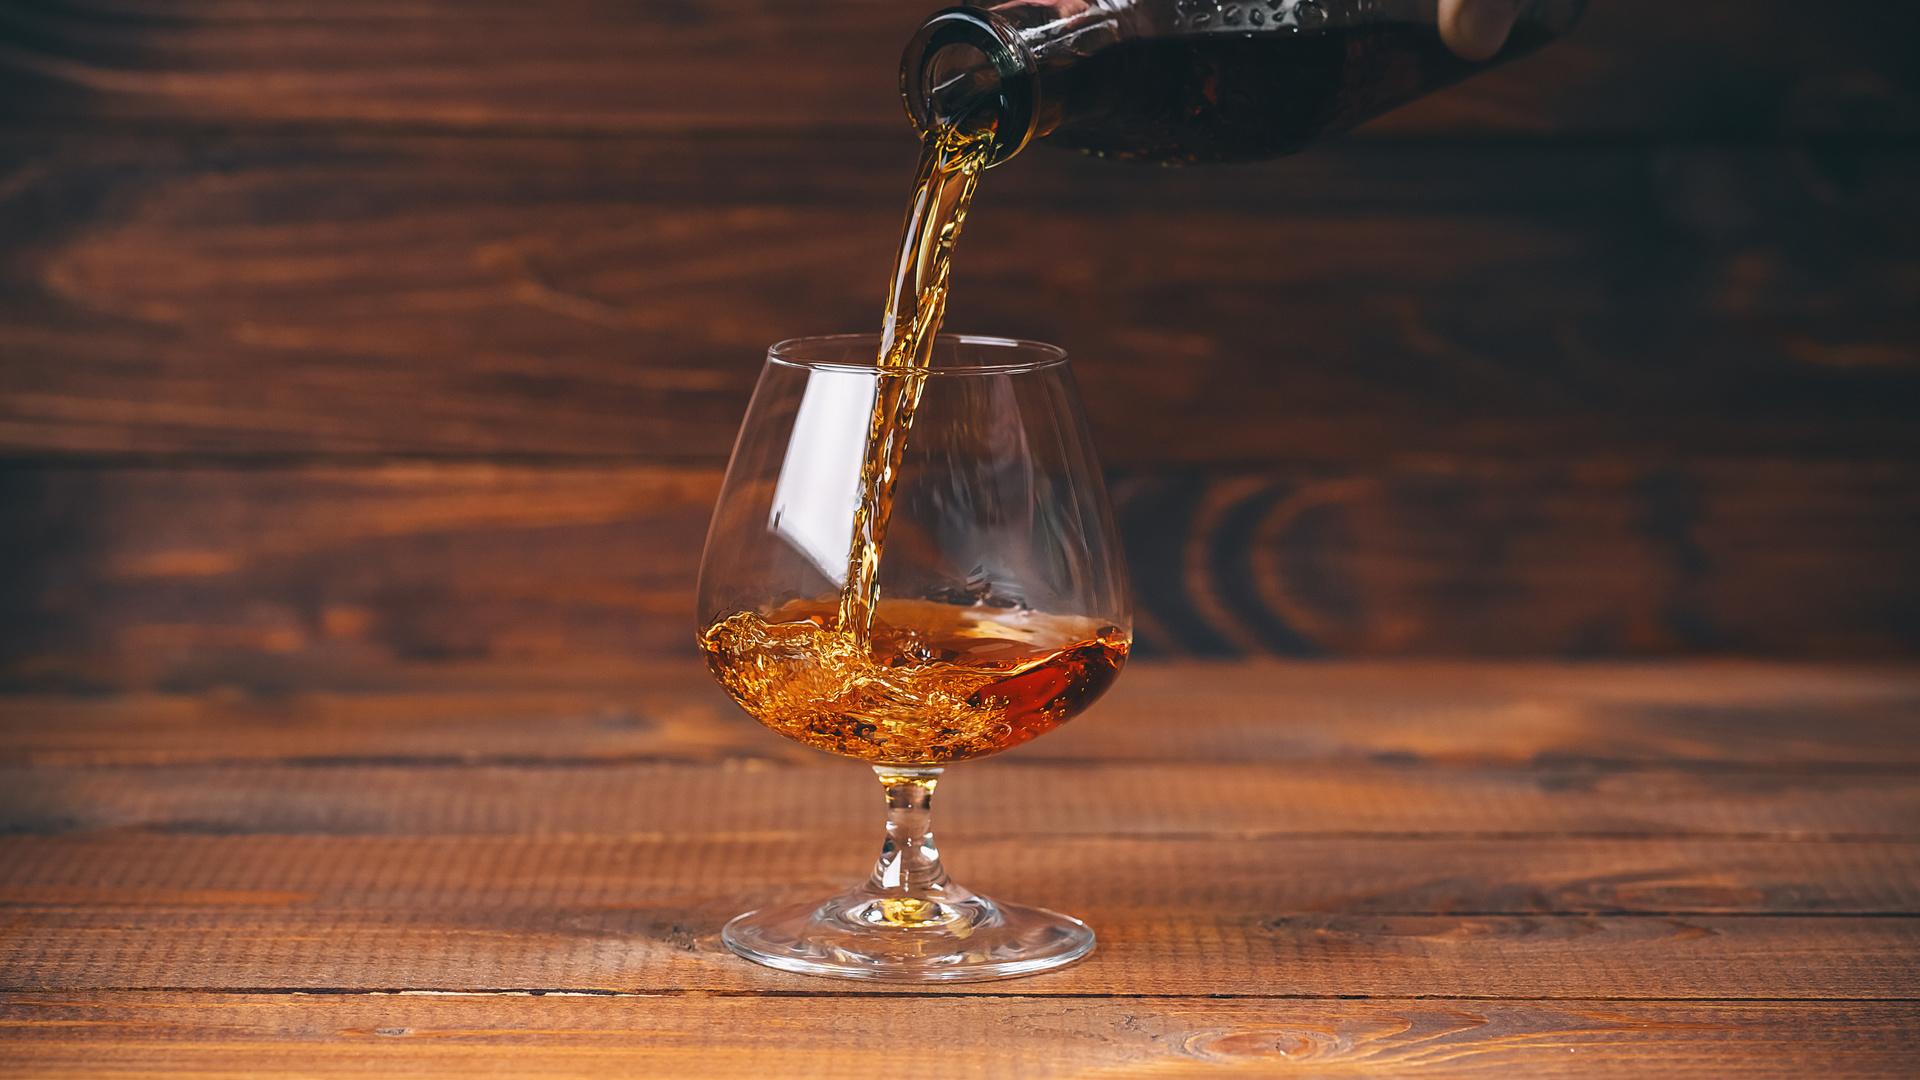 Les trésors de la Maison Lheraud Cognac - Armagnac - Pineau